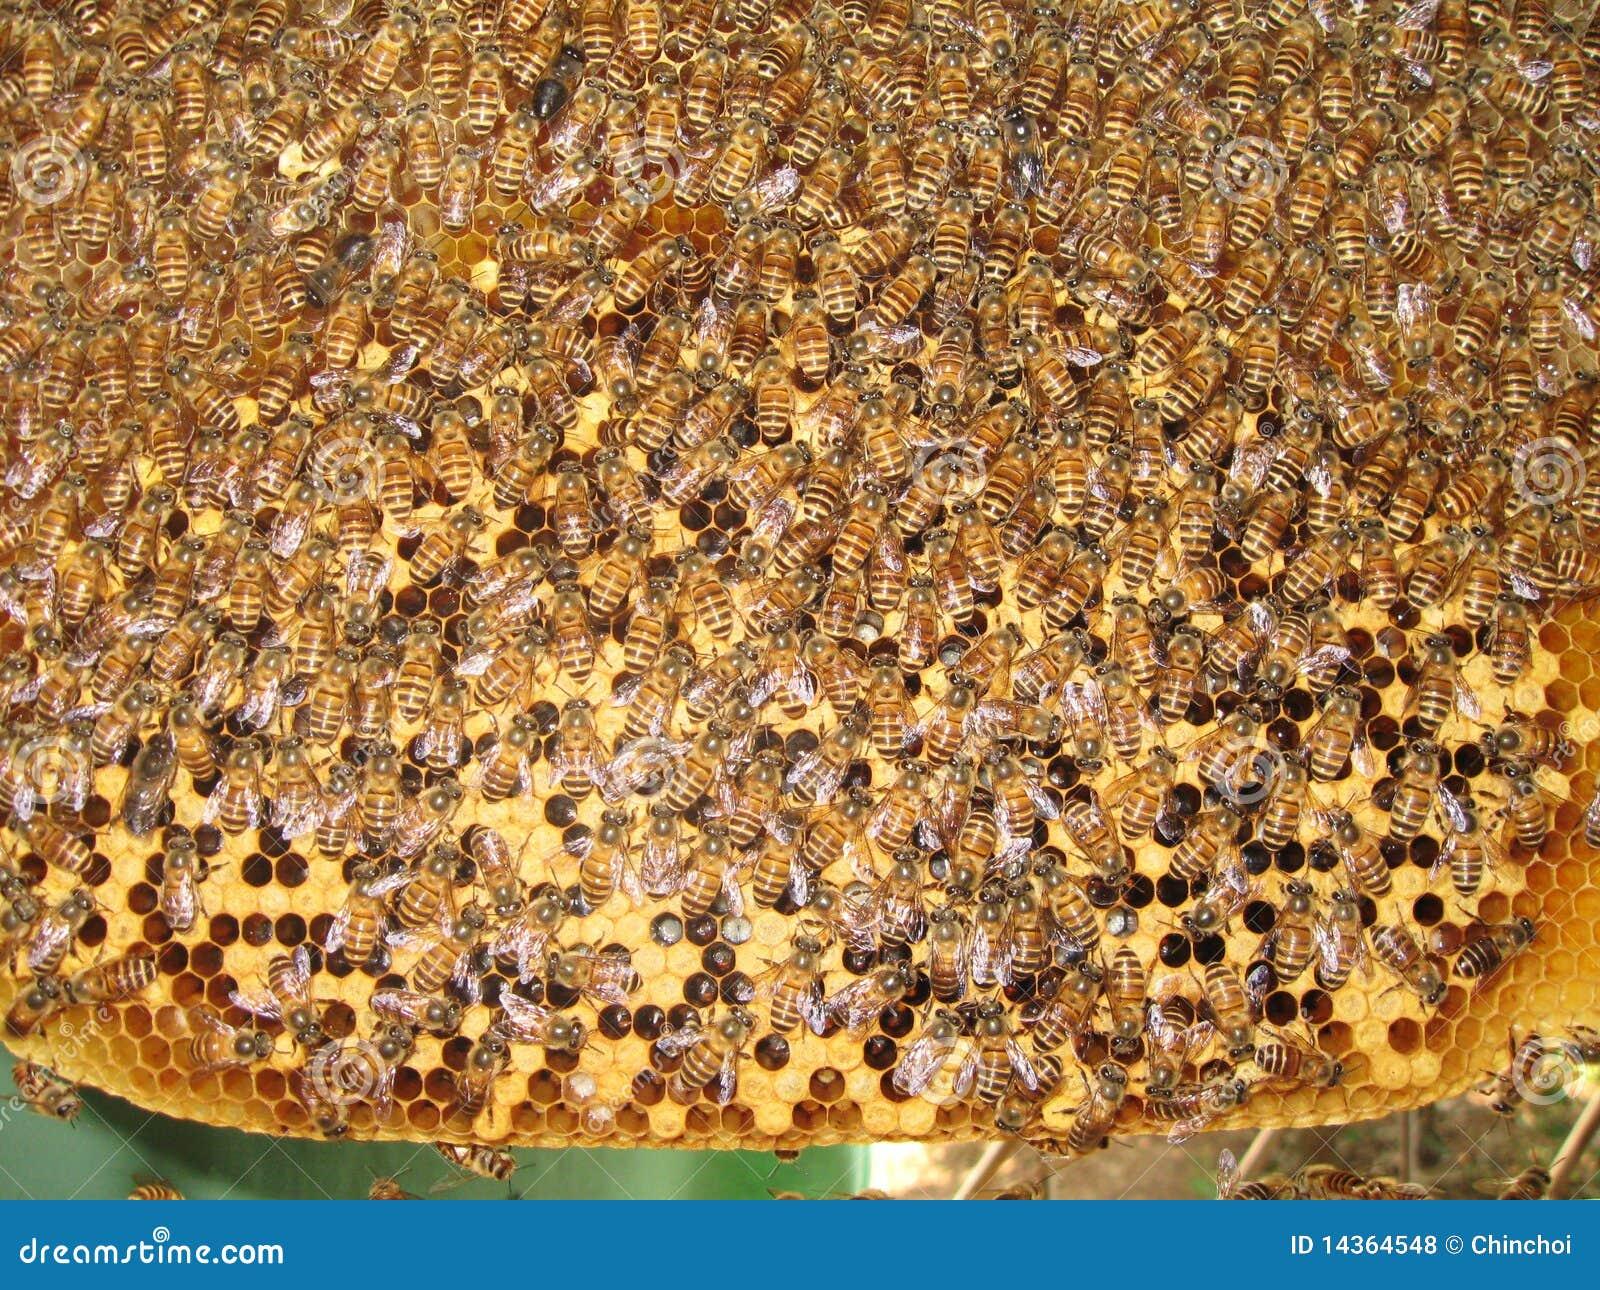 ruche d 39 abeille photo stock image du botanique nature 14364548. Black Bedroom Furniture Sets. Home Design Ideas